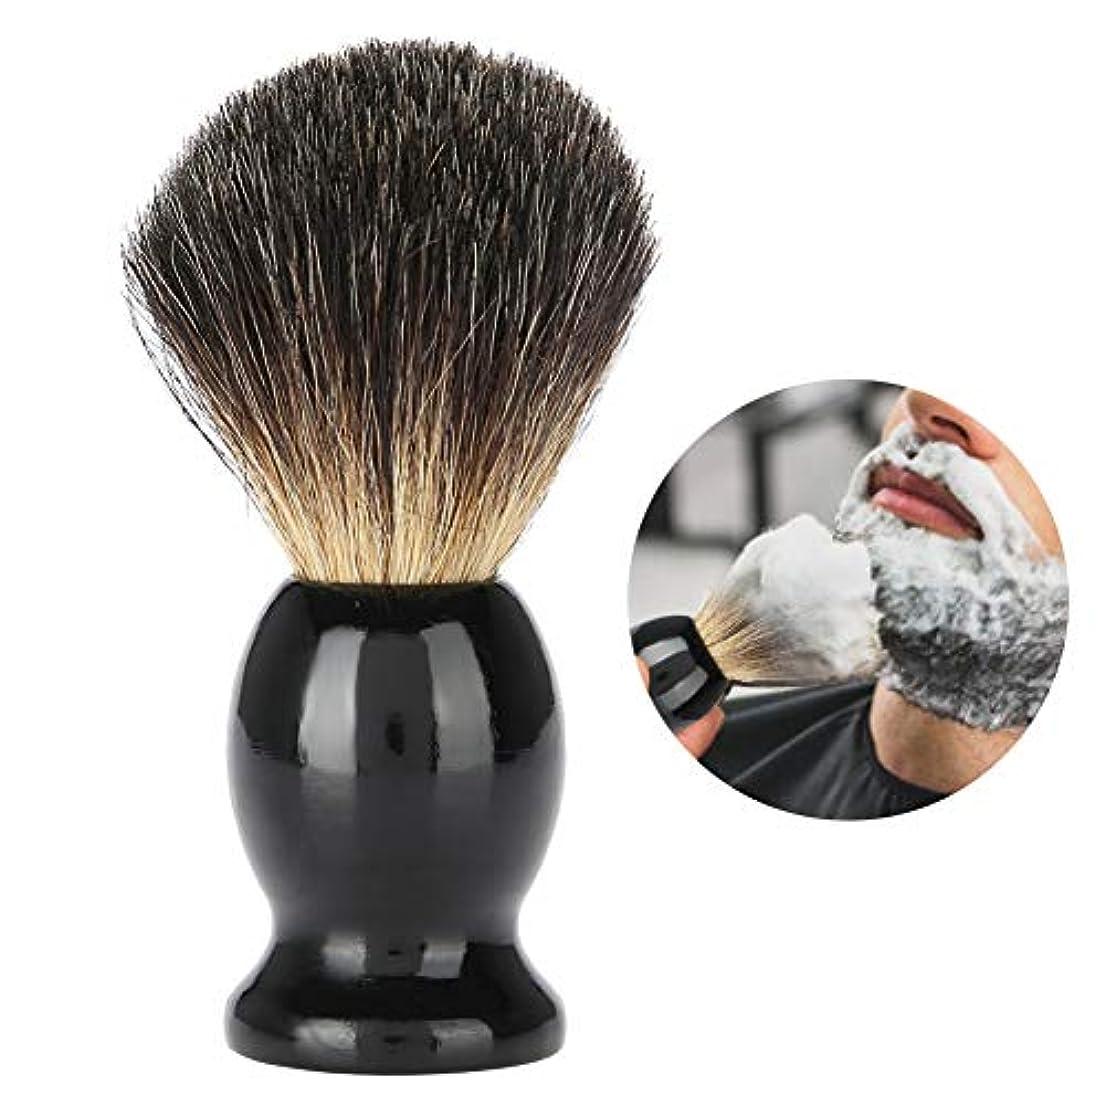 ゼロイブ惨めなYuyteポータブル男性ウッドハンドル髭剃りブラシ理髪店サロンツール